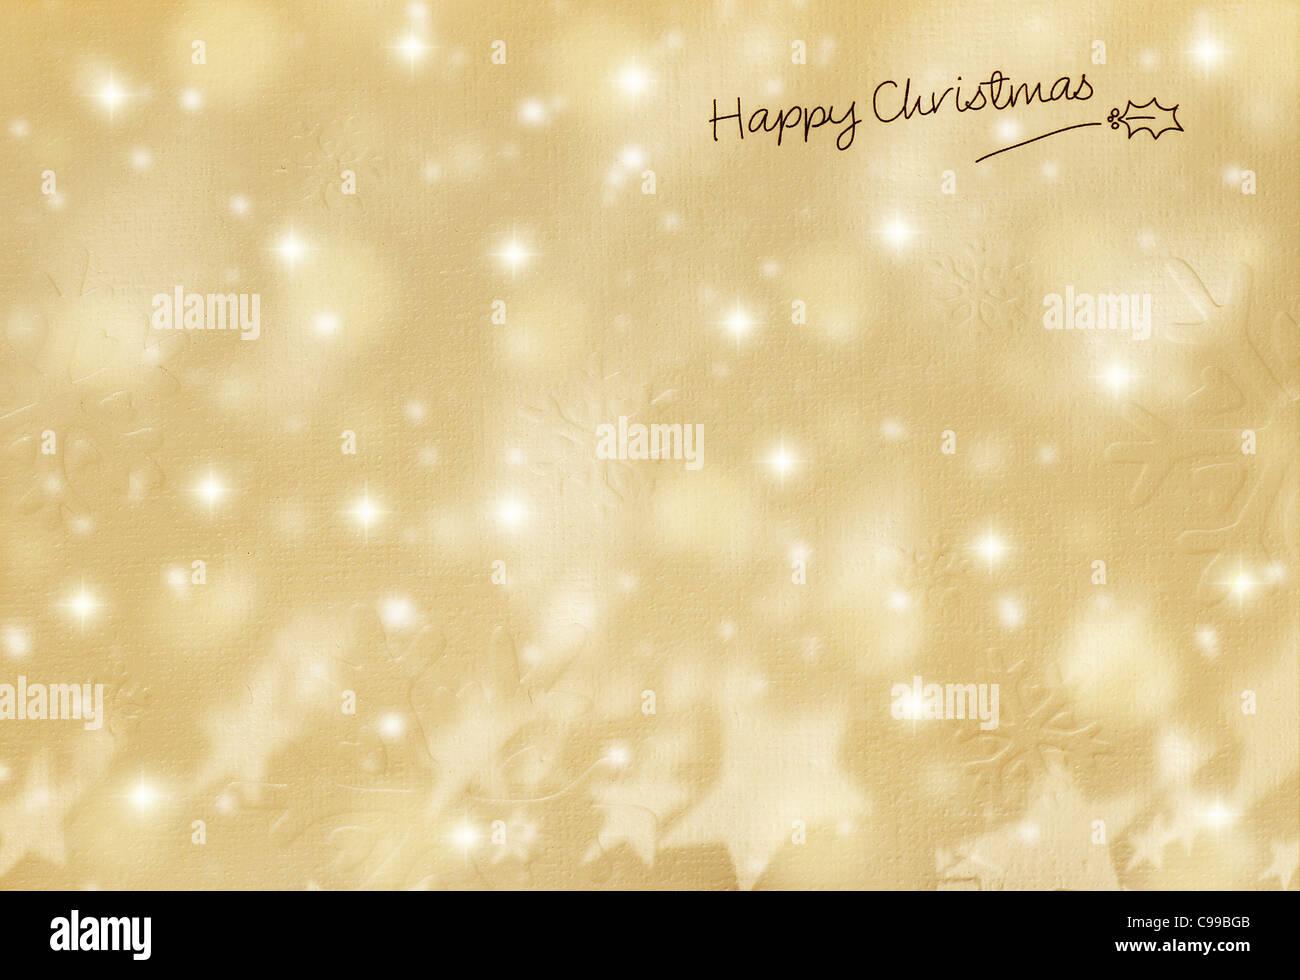 Sfondi Natalizi Oro.Splendido Oro Felice Natale Carta Vacanze Inverno Sfondo